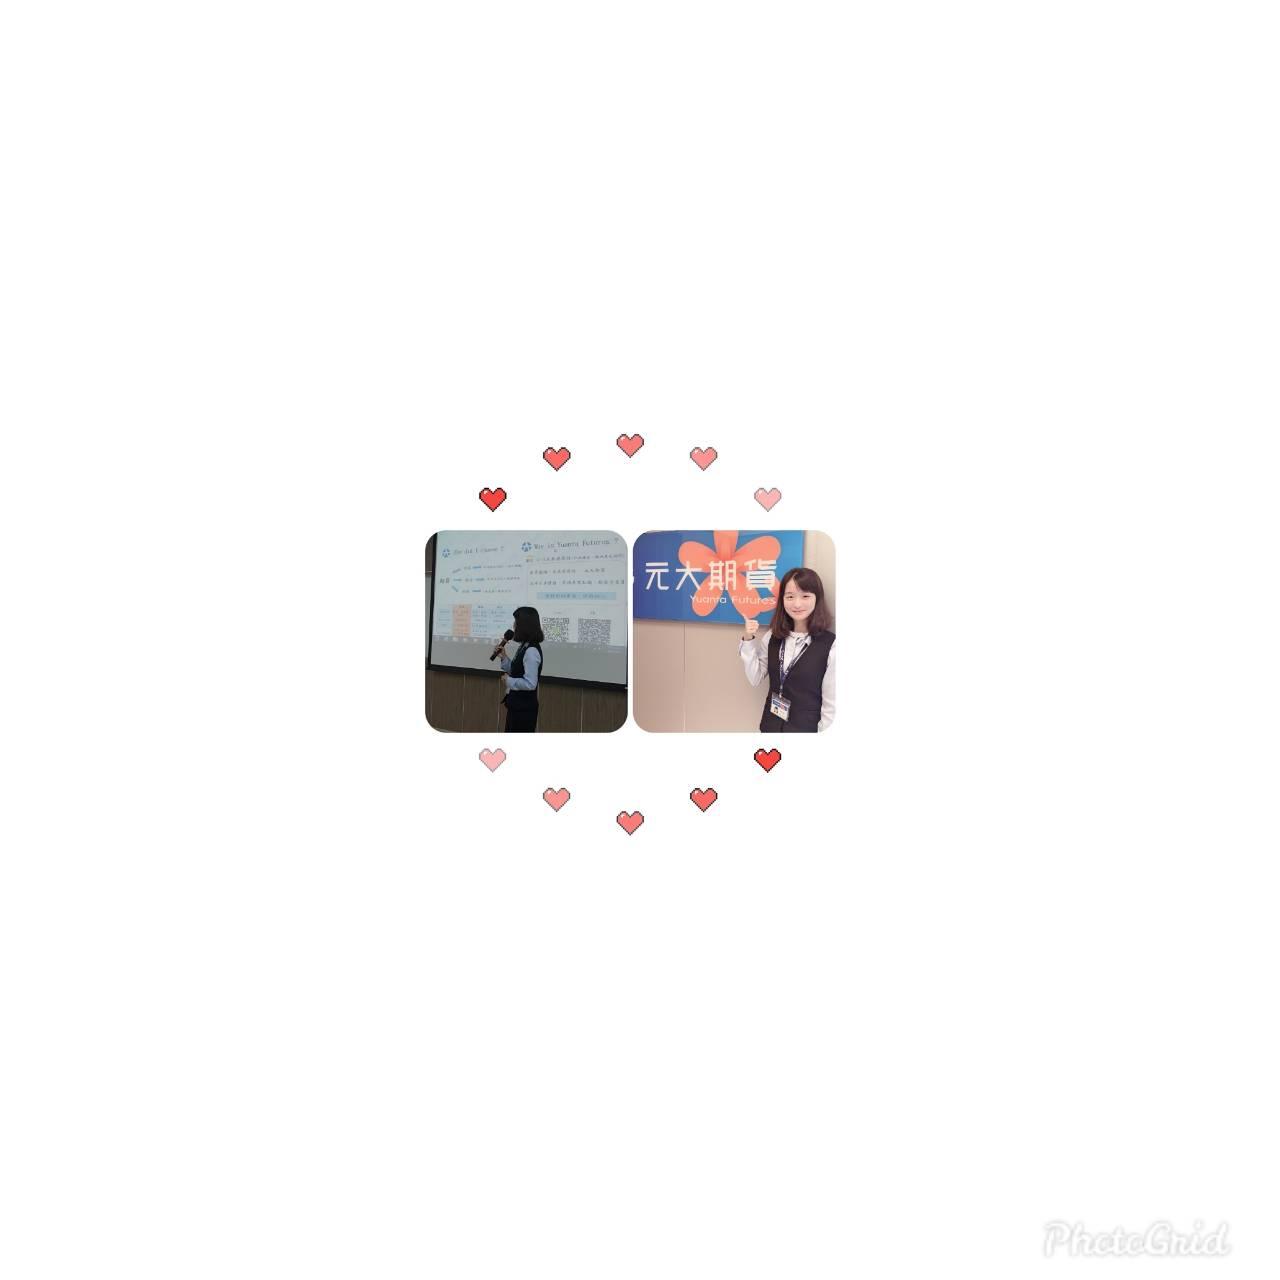 元大期貨-鄭詩頴 首圖